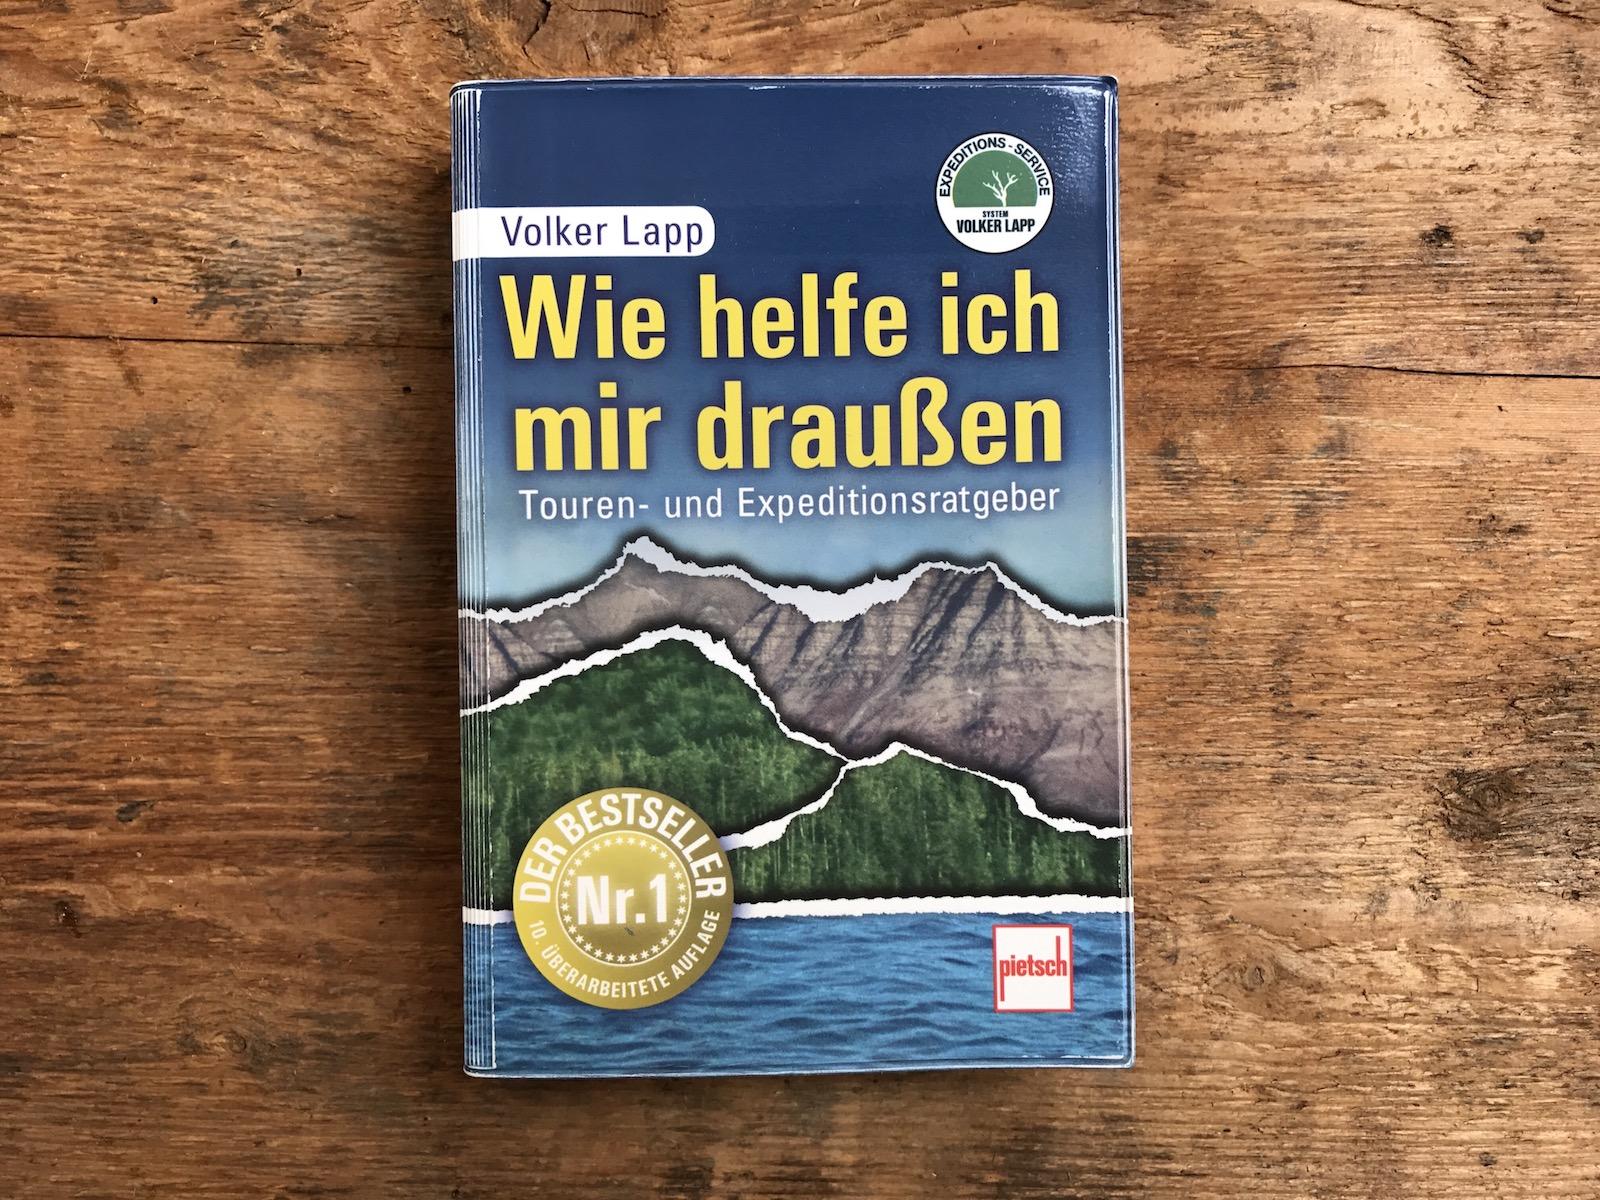 Buch: Volker Lapp, Wie helfe ich mir draußen